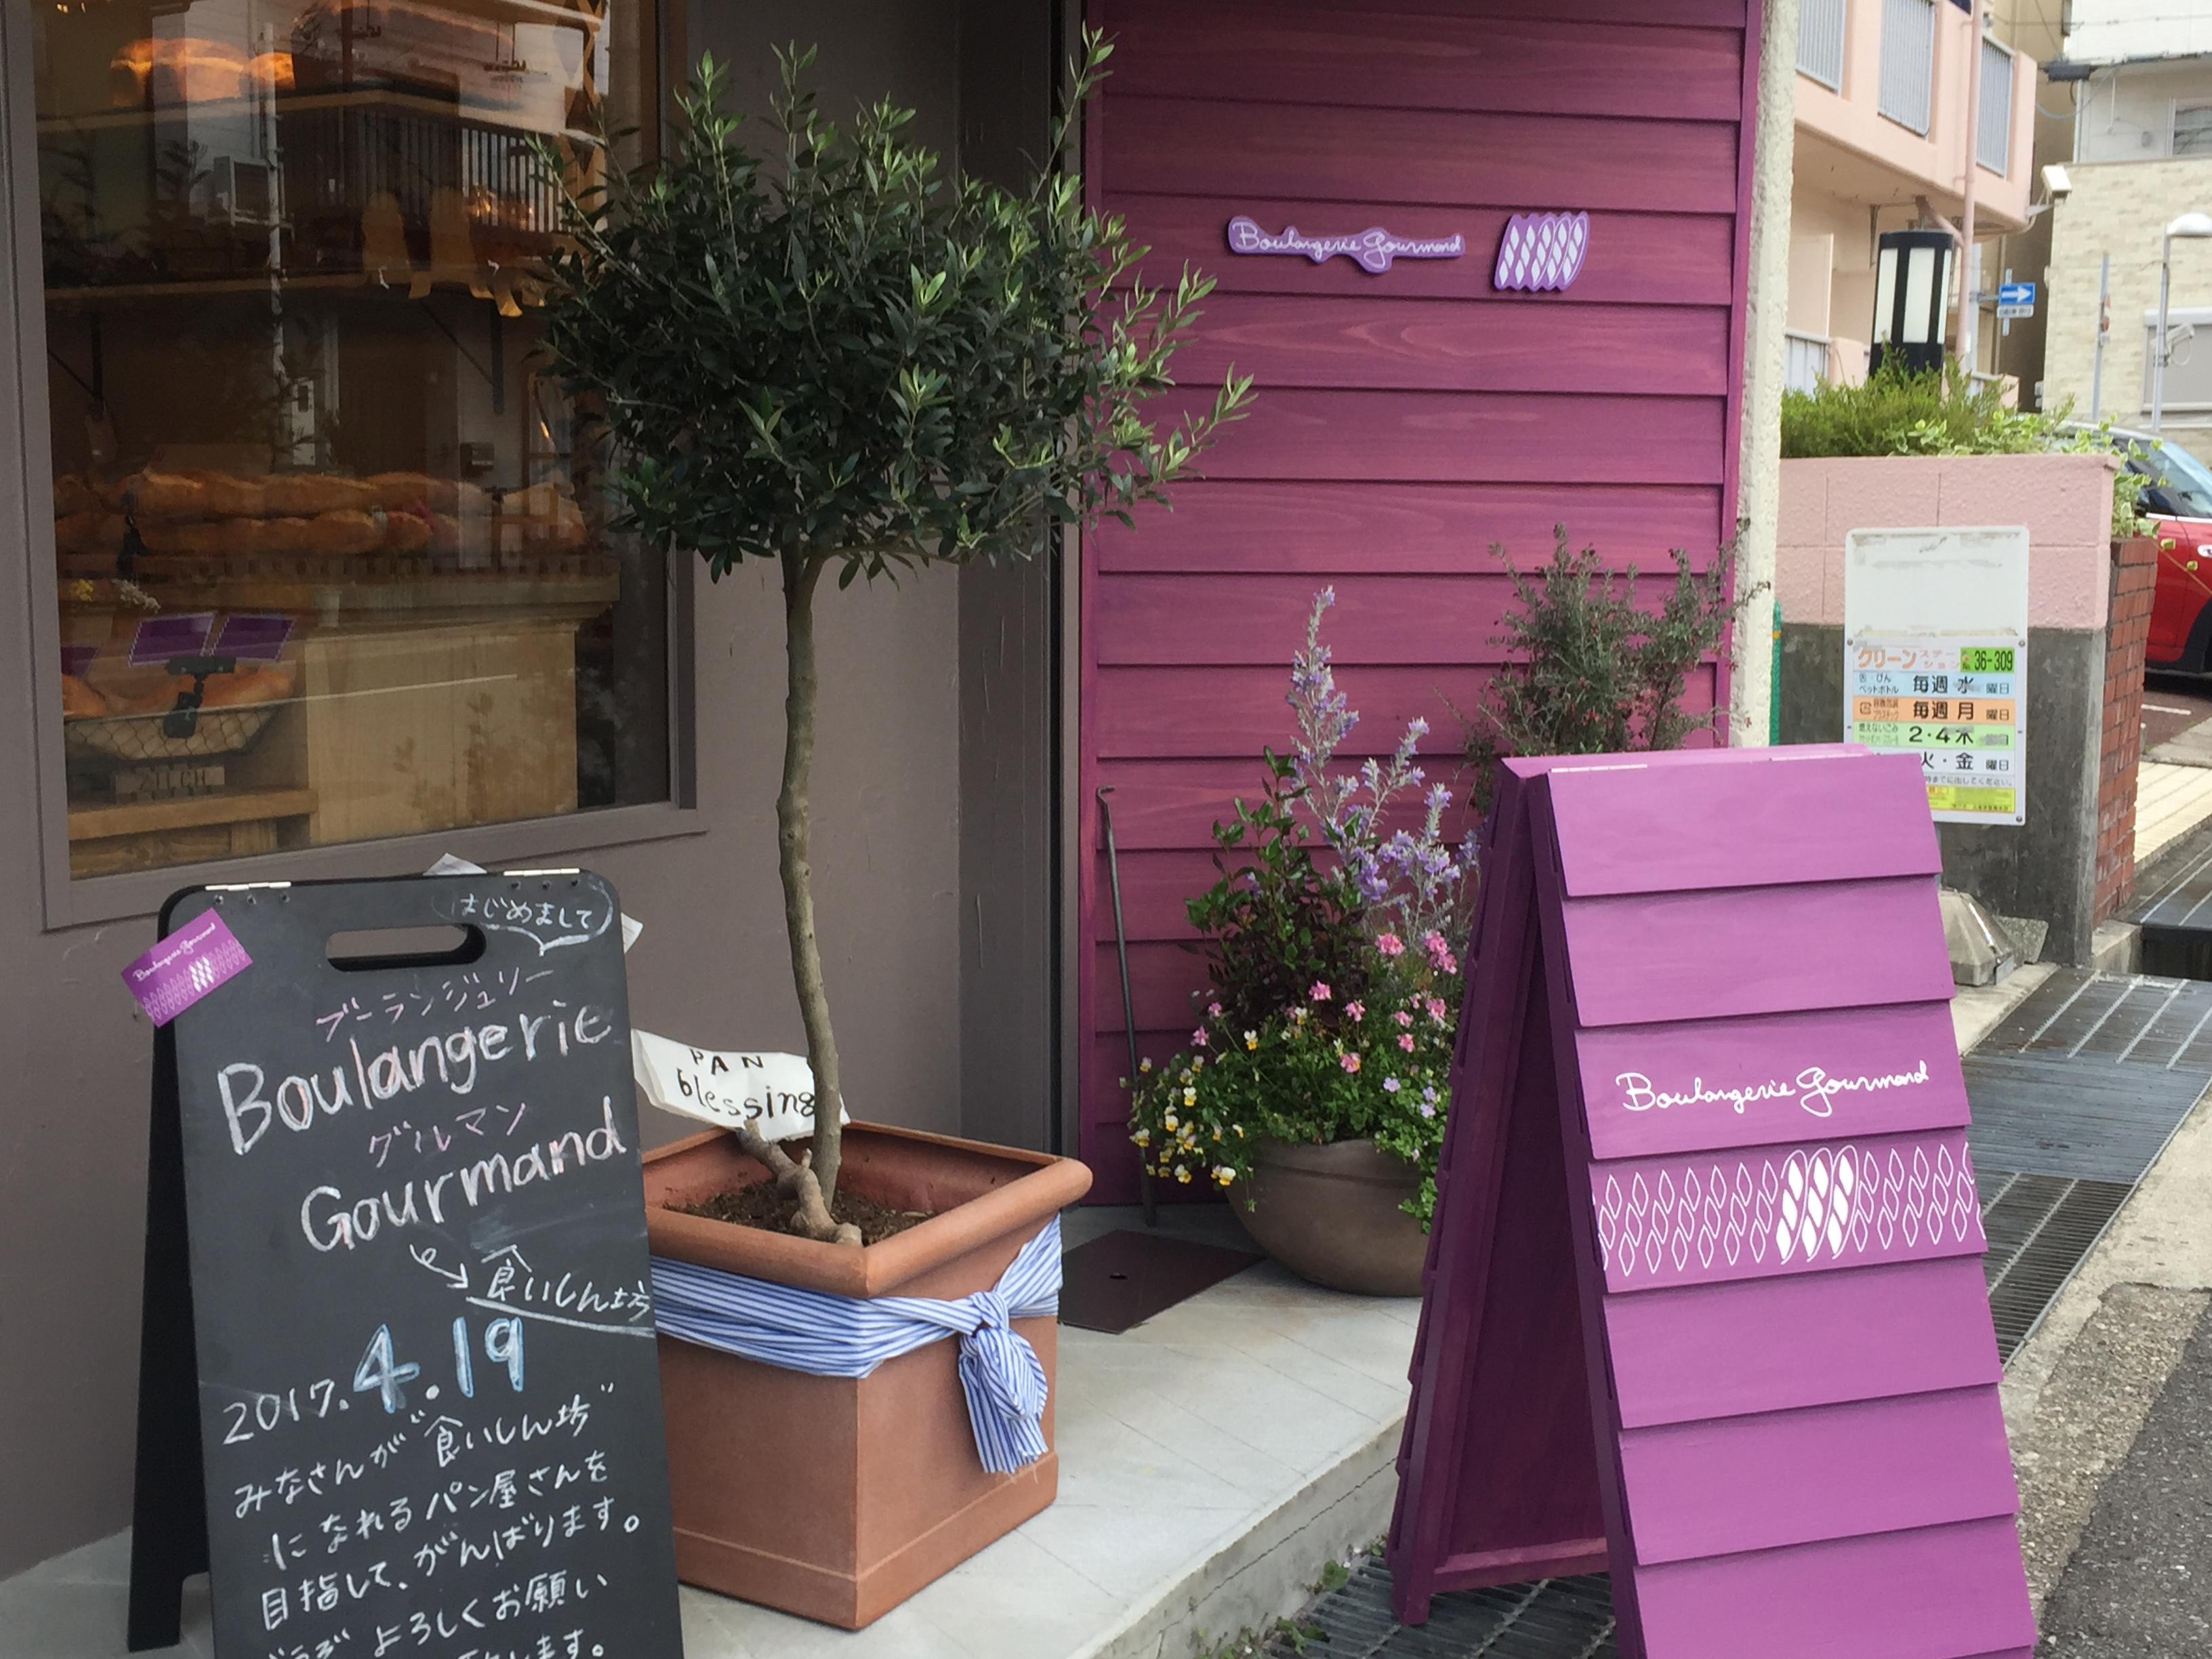 神戸・本山中町にBoulangerie Gourmand(ブーランジュリー グルマン)というパン屋さんが4/19オープンしたよ!【※写真付食レポ】